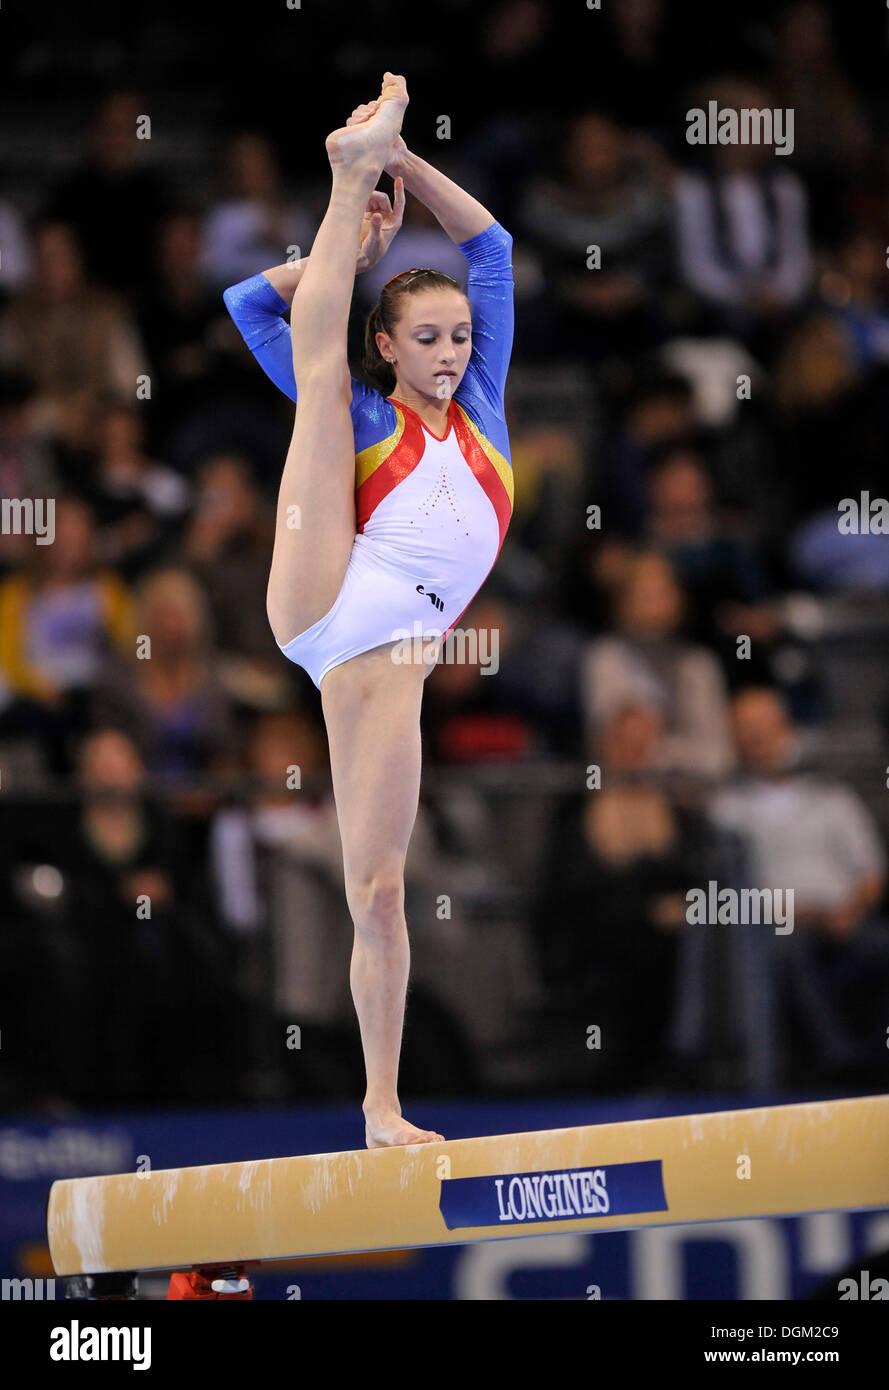 Ana Porgras | Artistic gymnastics, Gymnastics photos ...  |Ana Porgras